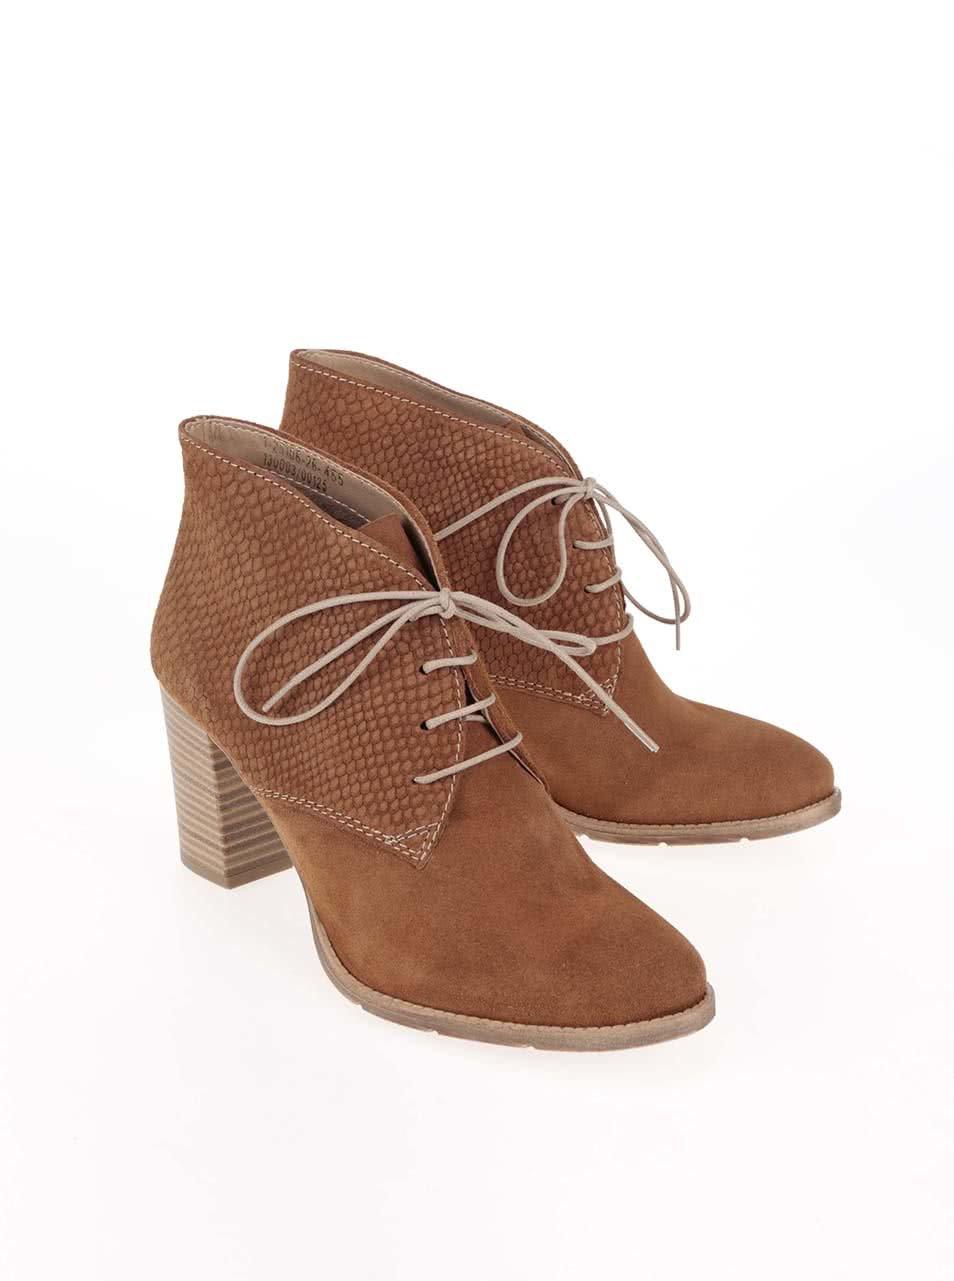 7d555bfe0 Hnedé kožené členkové šnurovacie topánky Tamaris | ZOOT.sk